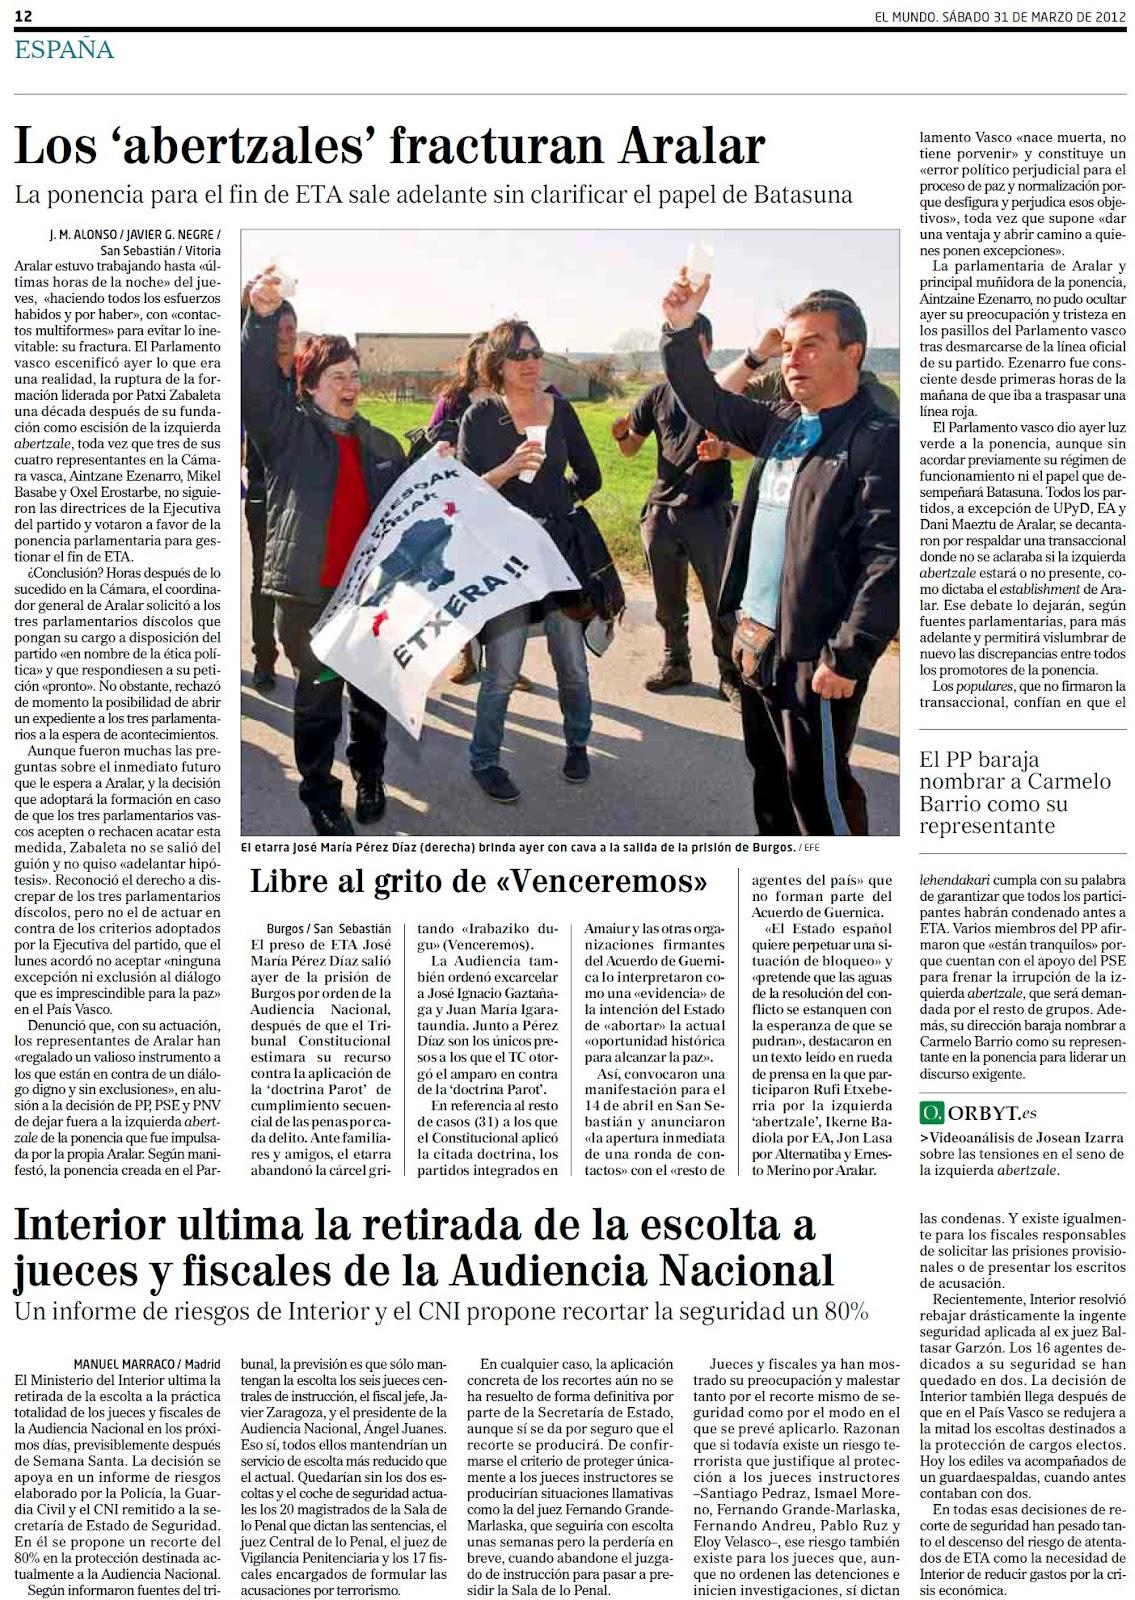 Rubalcaba comanda sus apéndices sindicales para provocar el caos que nos equipare a Grecia impidiendo la creación de empleo